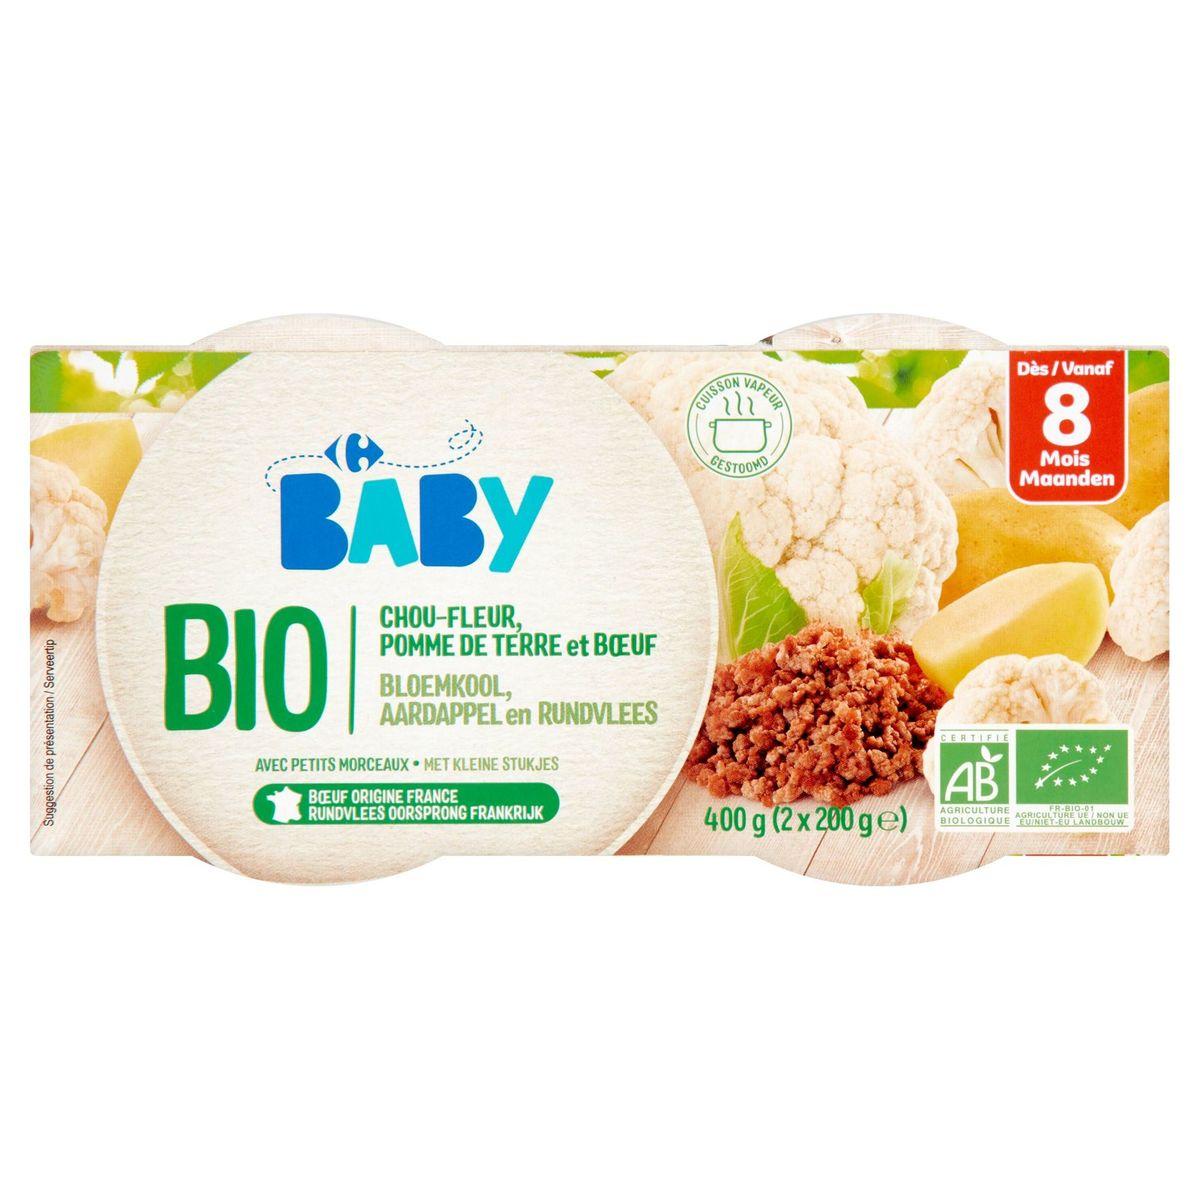 Carrefour Baby Bio Chou-Fleur, Pomme de Terre et Boeuf 8M+ 2 x 200 g